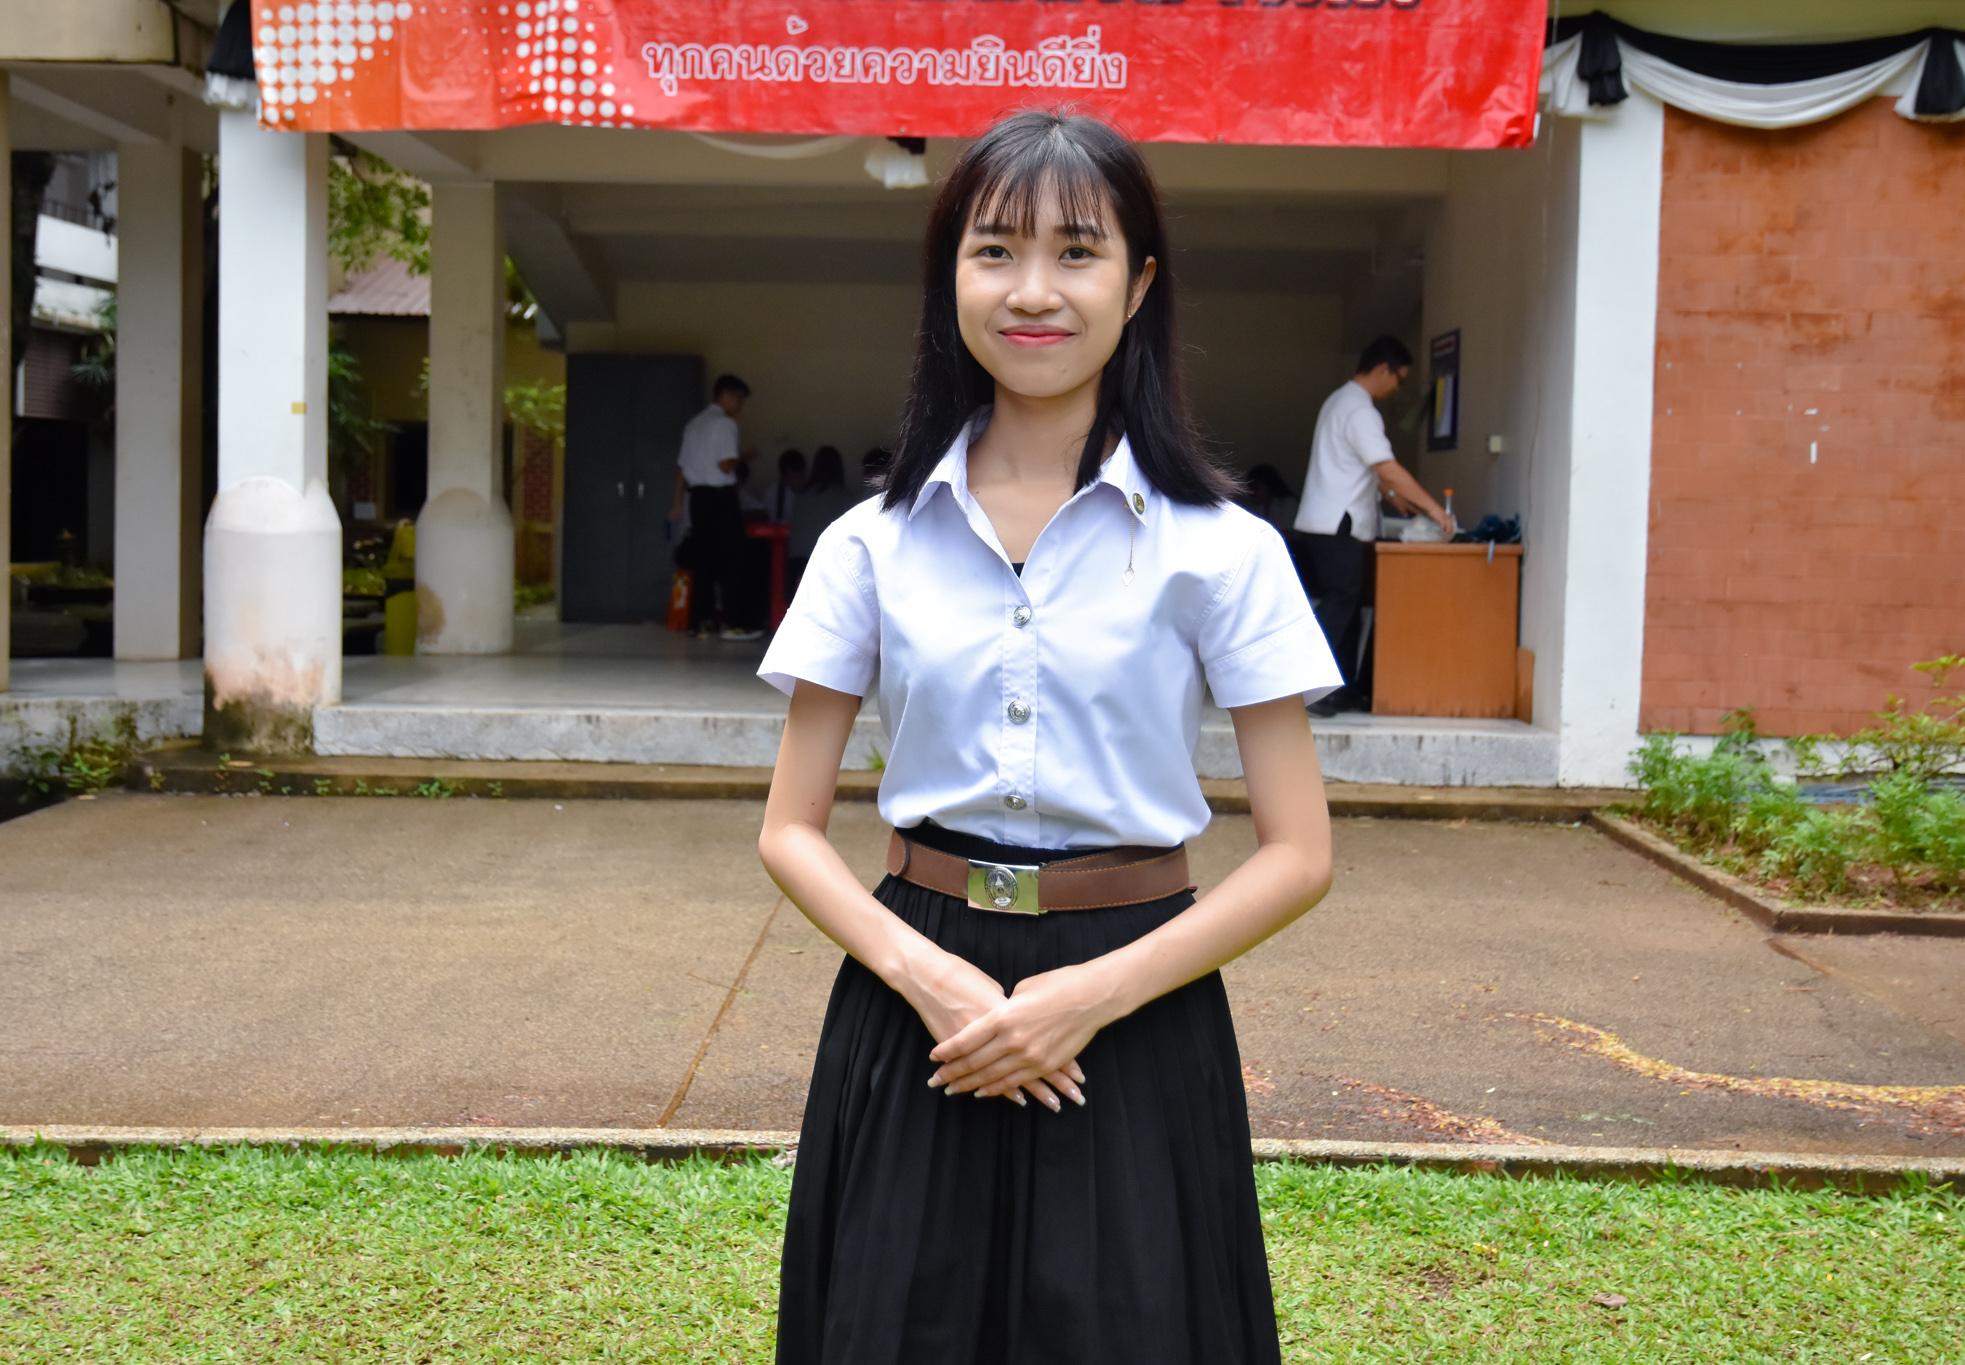 นางสาวเพ็ญทิพย์ เริ่มศรี คว้ารางวัลชมเชยในการเเข่งขันประกวดเรียงความภาษาเกาหลีระดับประเทศ ครั้งที่ 3